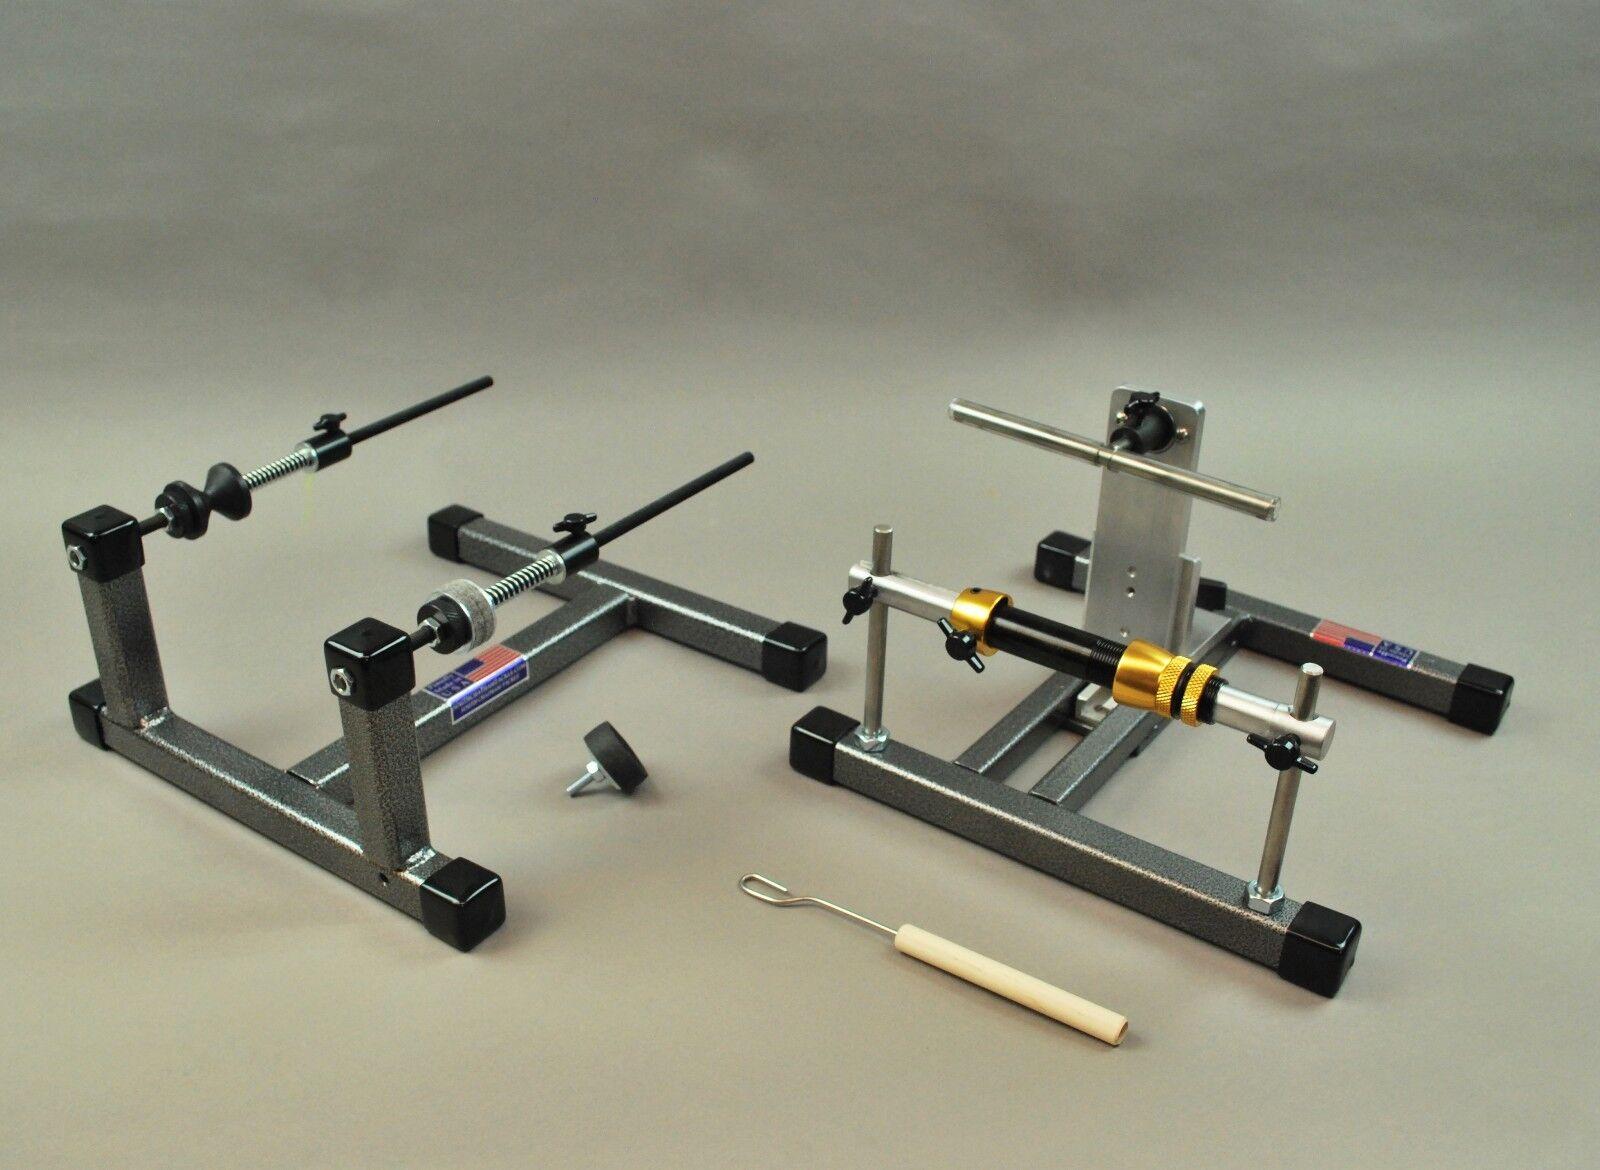 Reel Winder II  Super Spooler for holding line and spooling reels